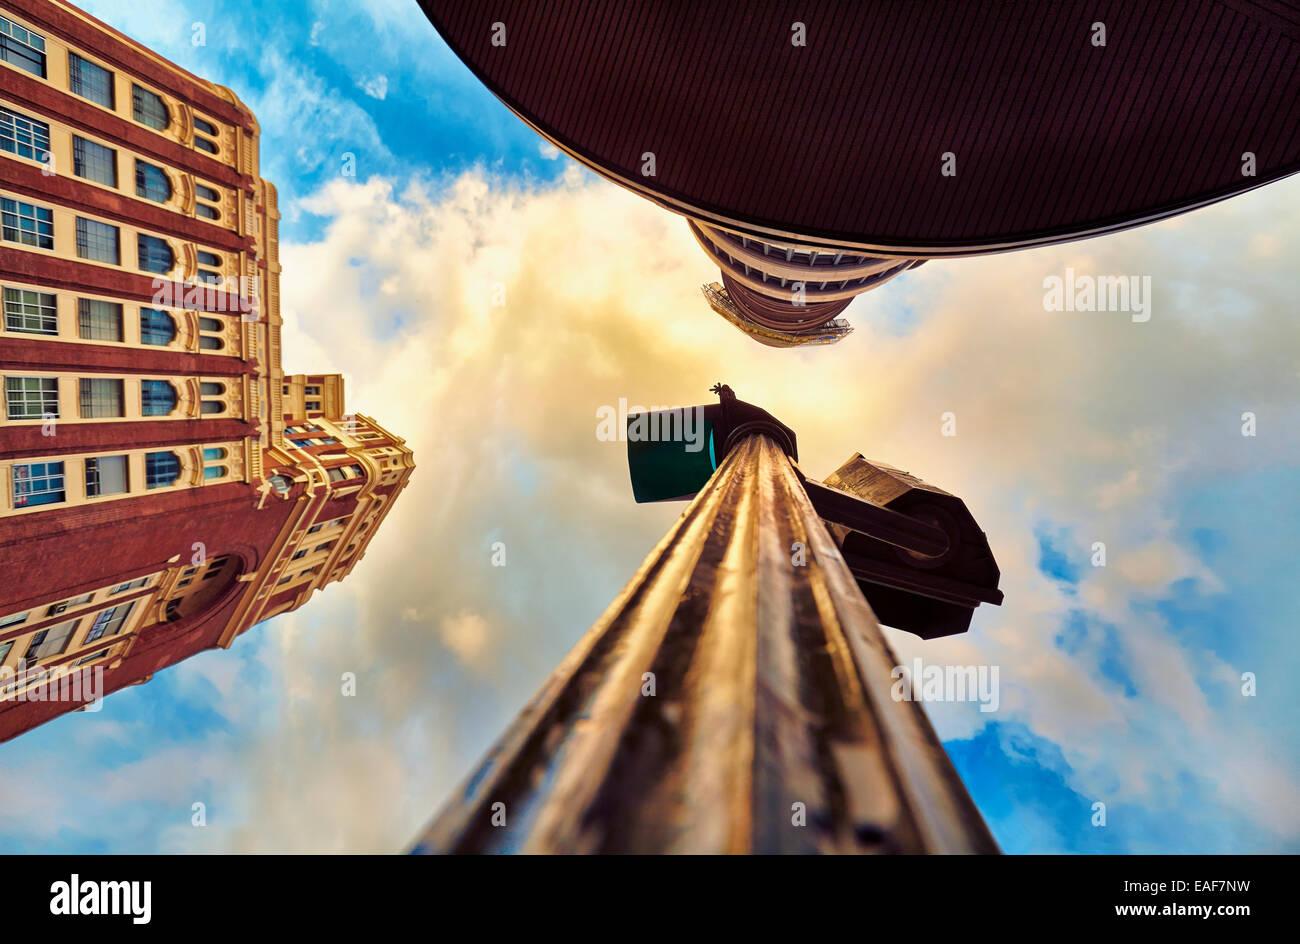 Basso angolo vista del semaforo ed edifici a Piazza Callao. Madrid. Spagna Immagini Stock